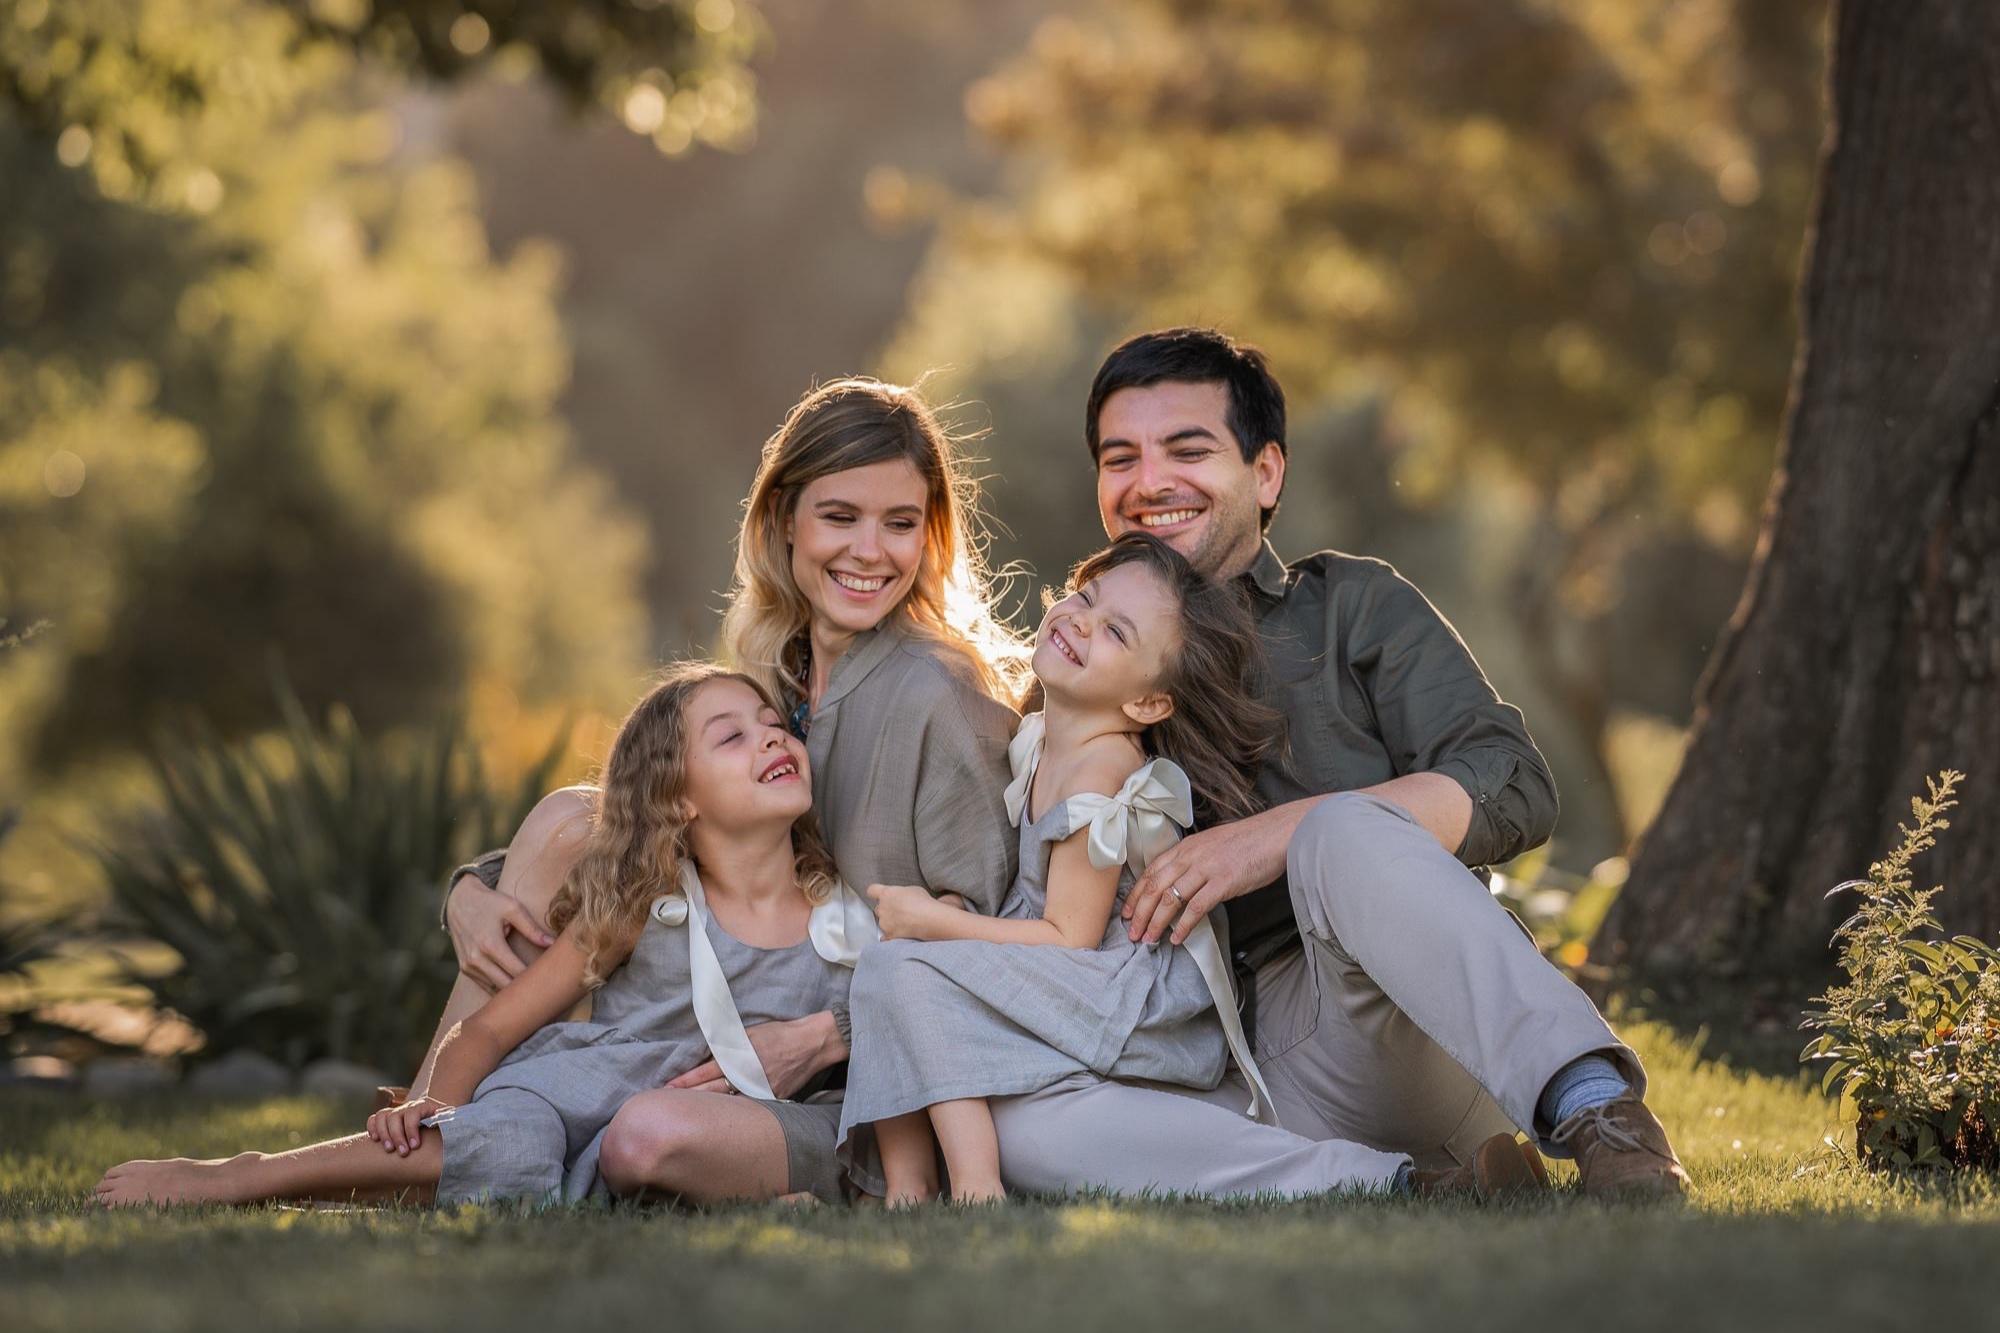 La familia a través de nuestra lente